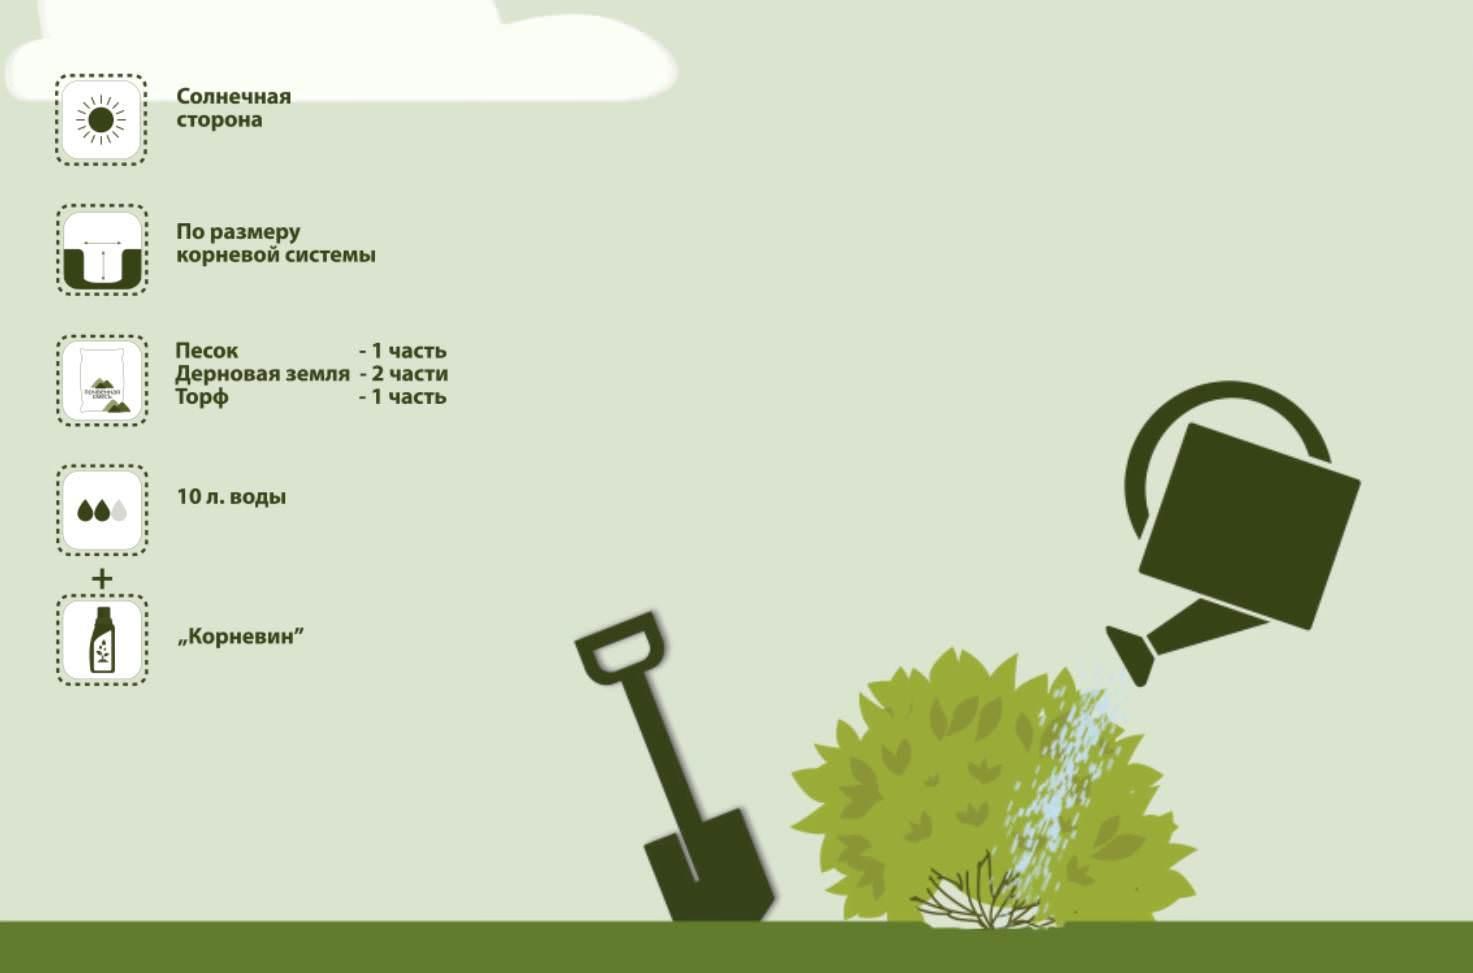 Чтобы спирея Вангутта порадовала своим белоснежным цветением уже следующей весной, ее саженцы высаживают в грунт традиционно осенью, когда растение сбросило свои листья